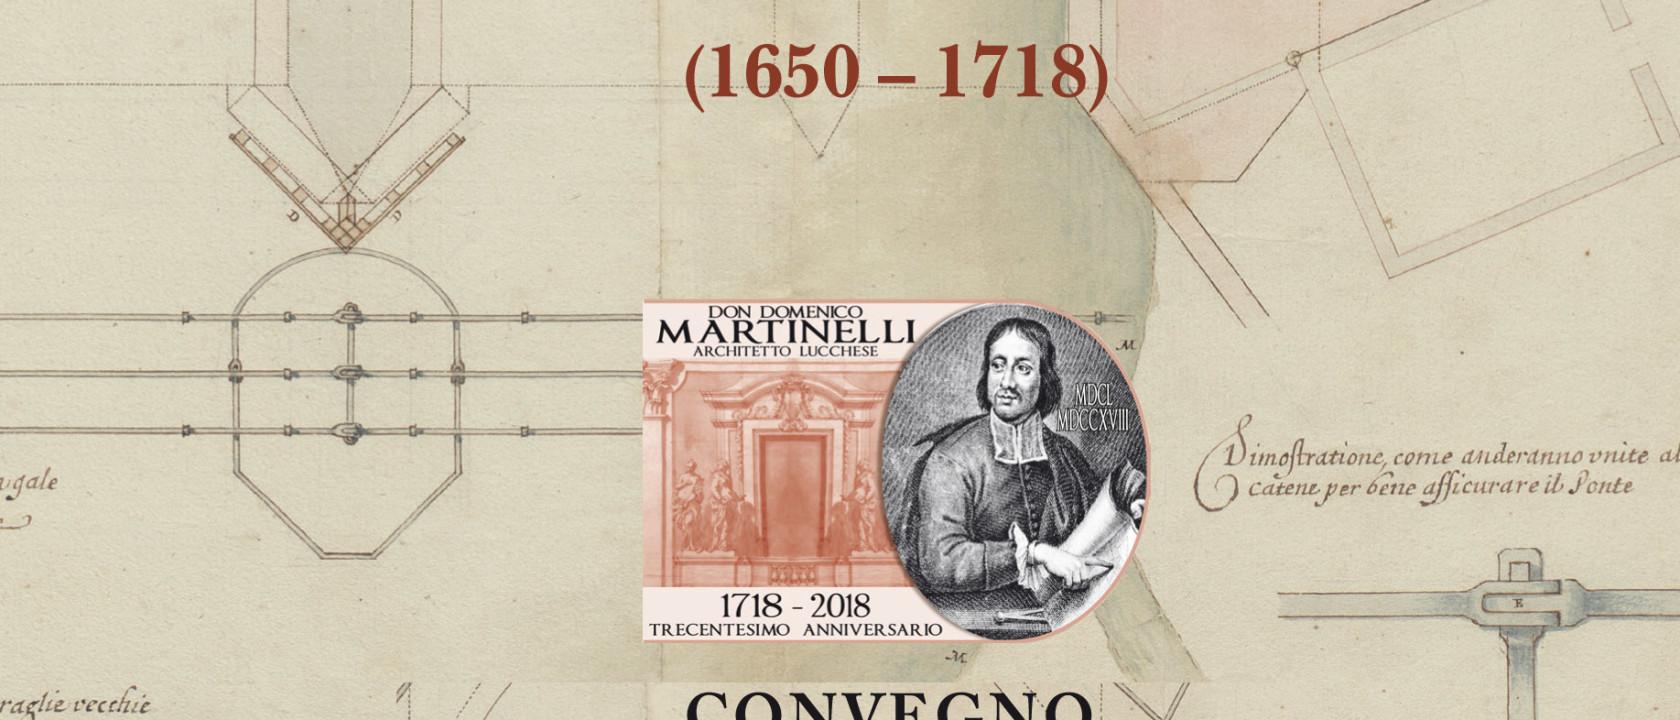 Permalink to:Lucca celebra Don Domenico Martinelli